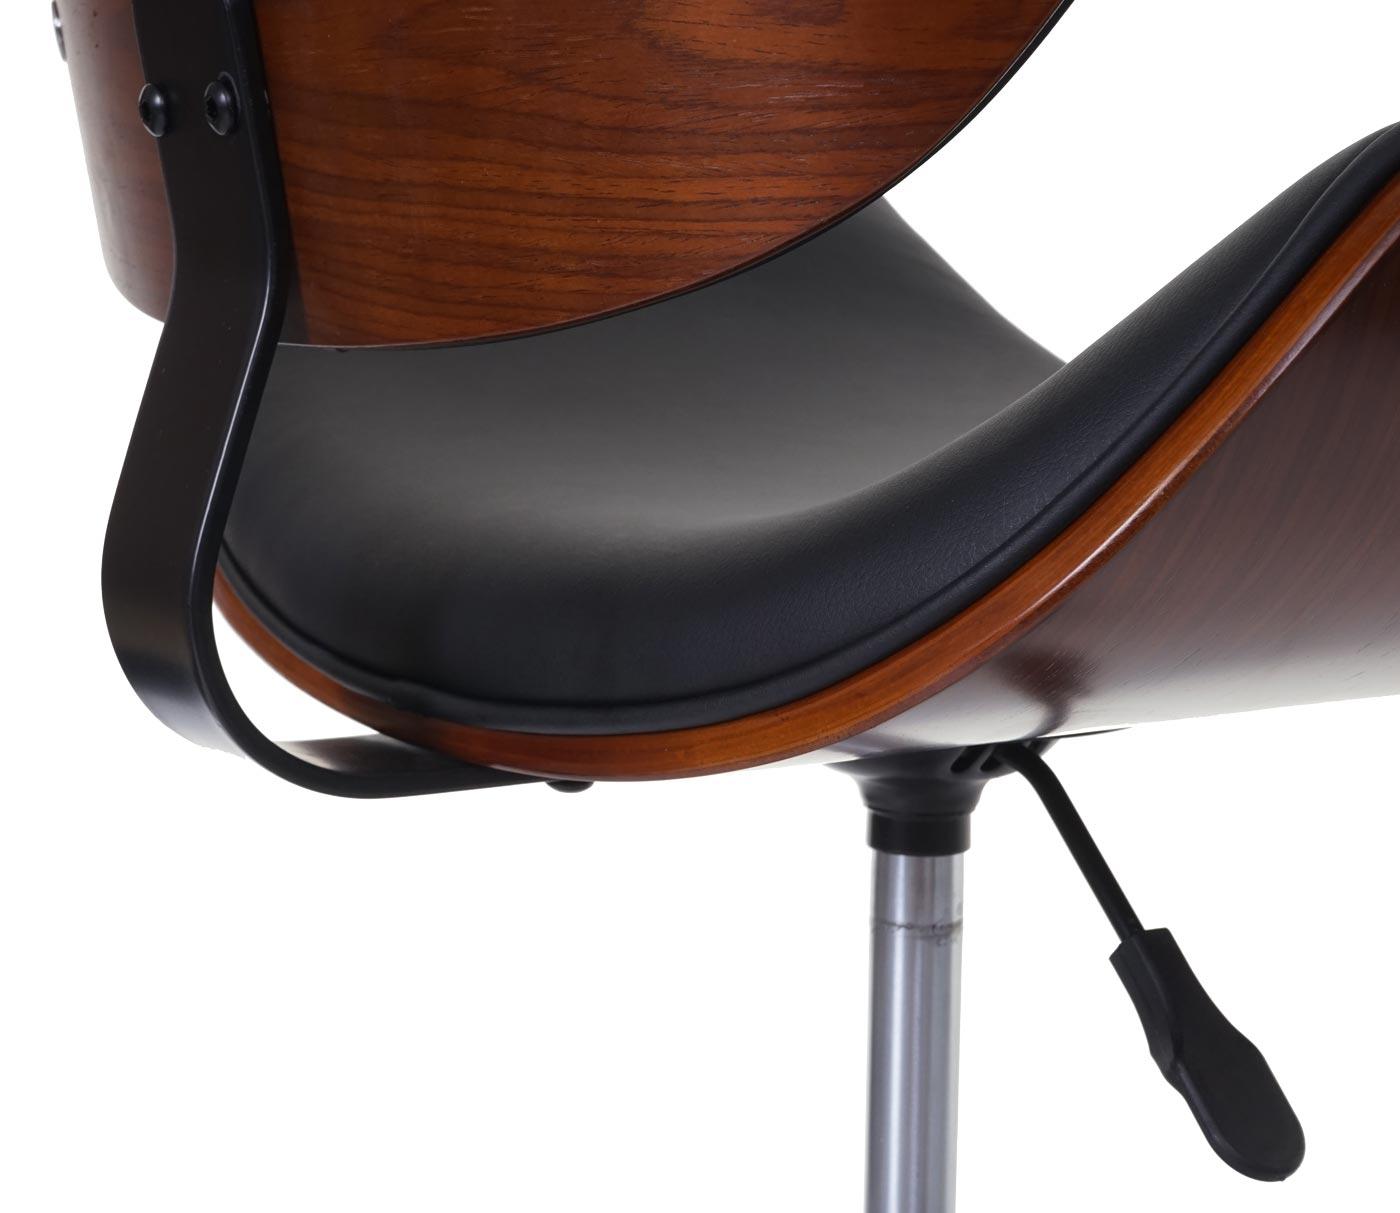 HWC-G25 Detailansicht Sitzfläche